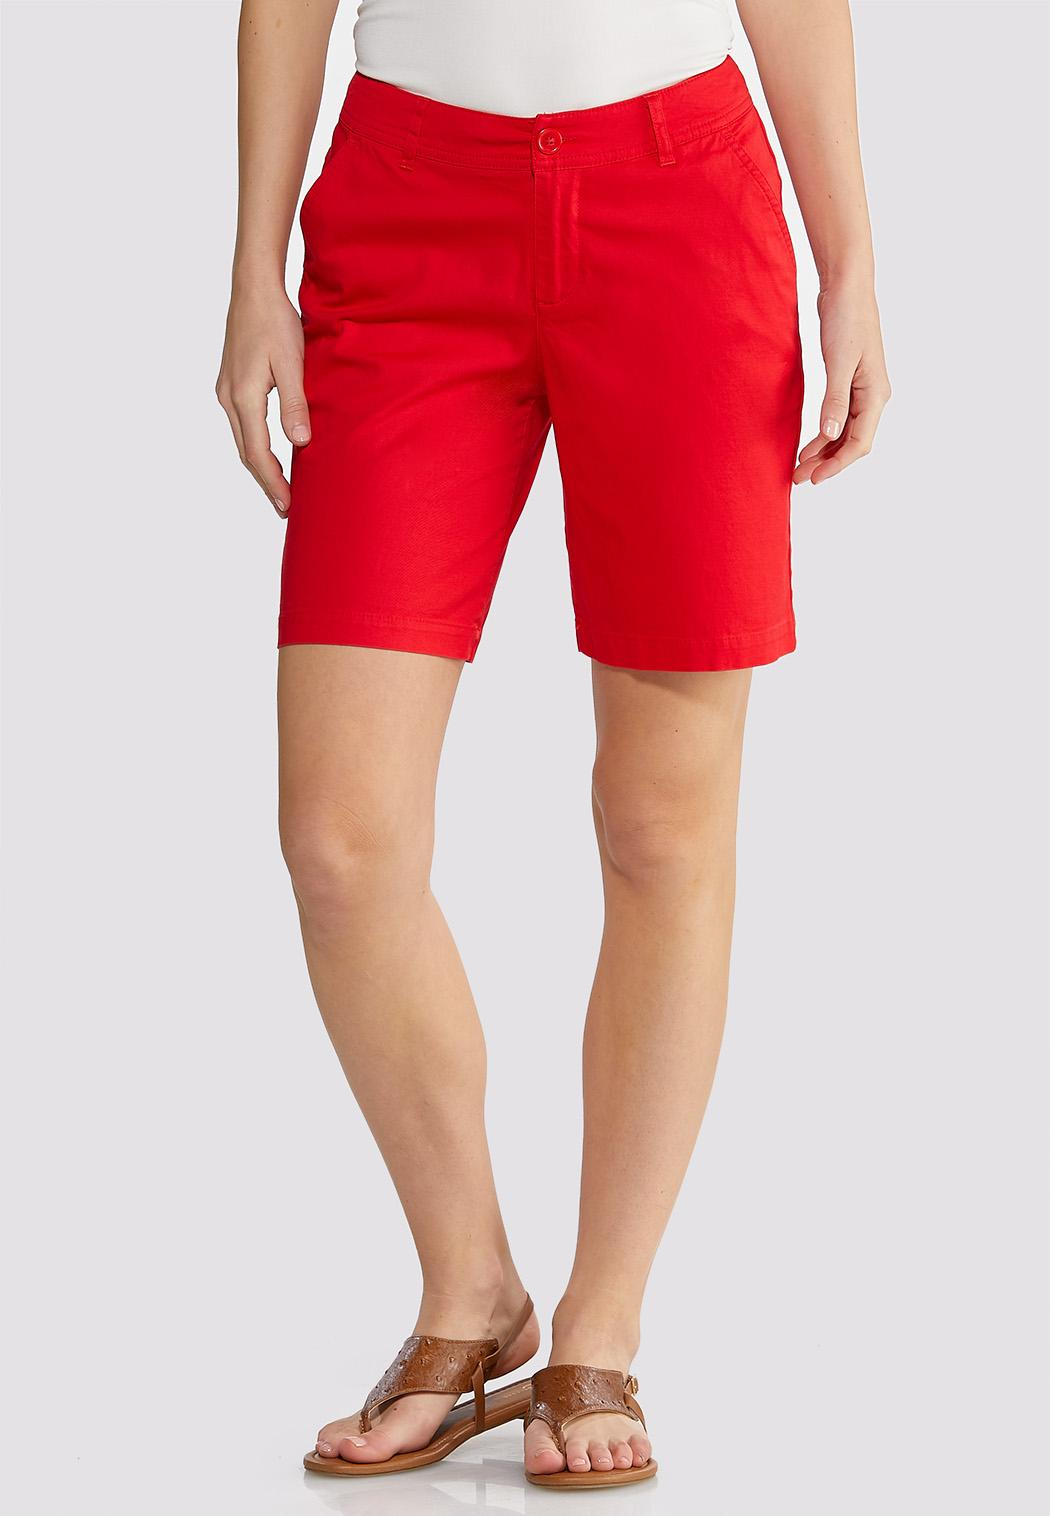 Bermuda Chino Shorts